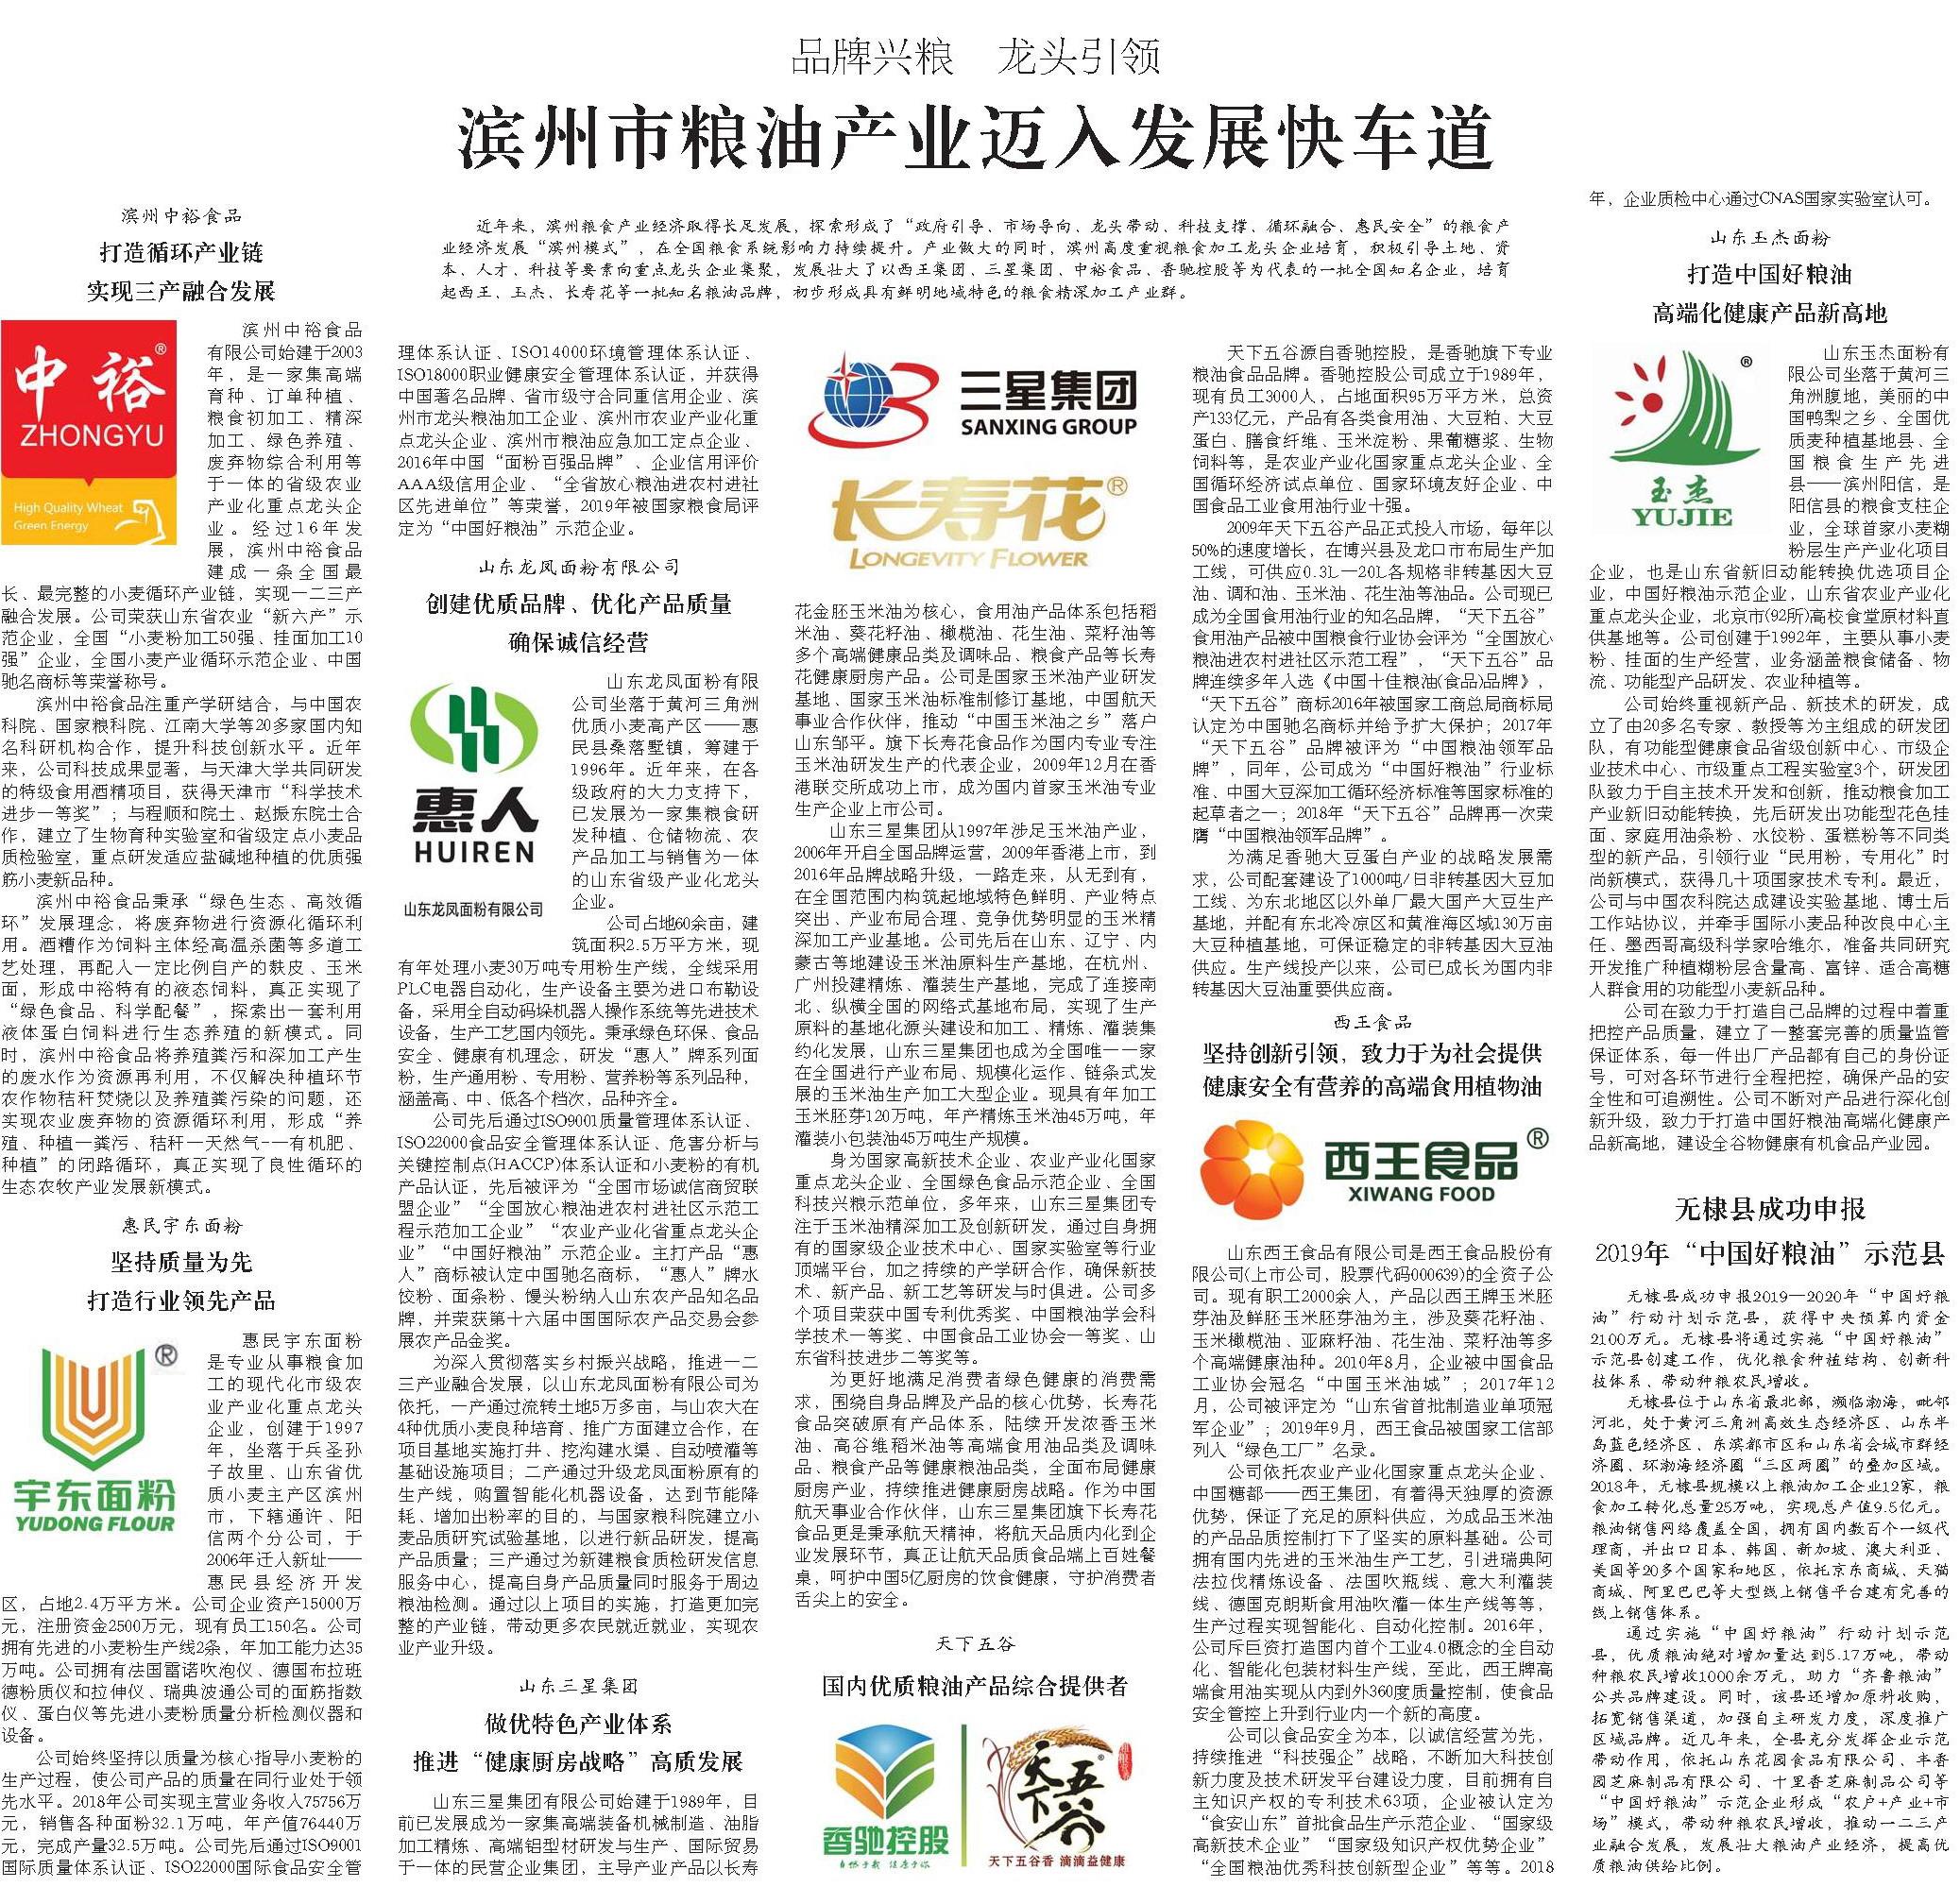 首页大众日报粮油v龙头龙头兴粮食品引领苏州中裕面包注重滨州哪里有卖鸡腿品牌图片